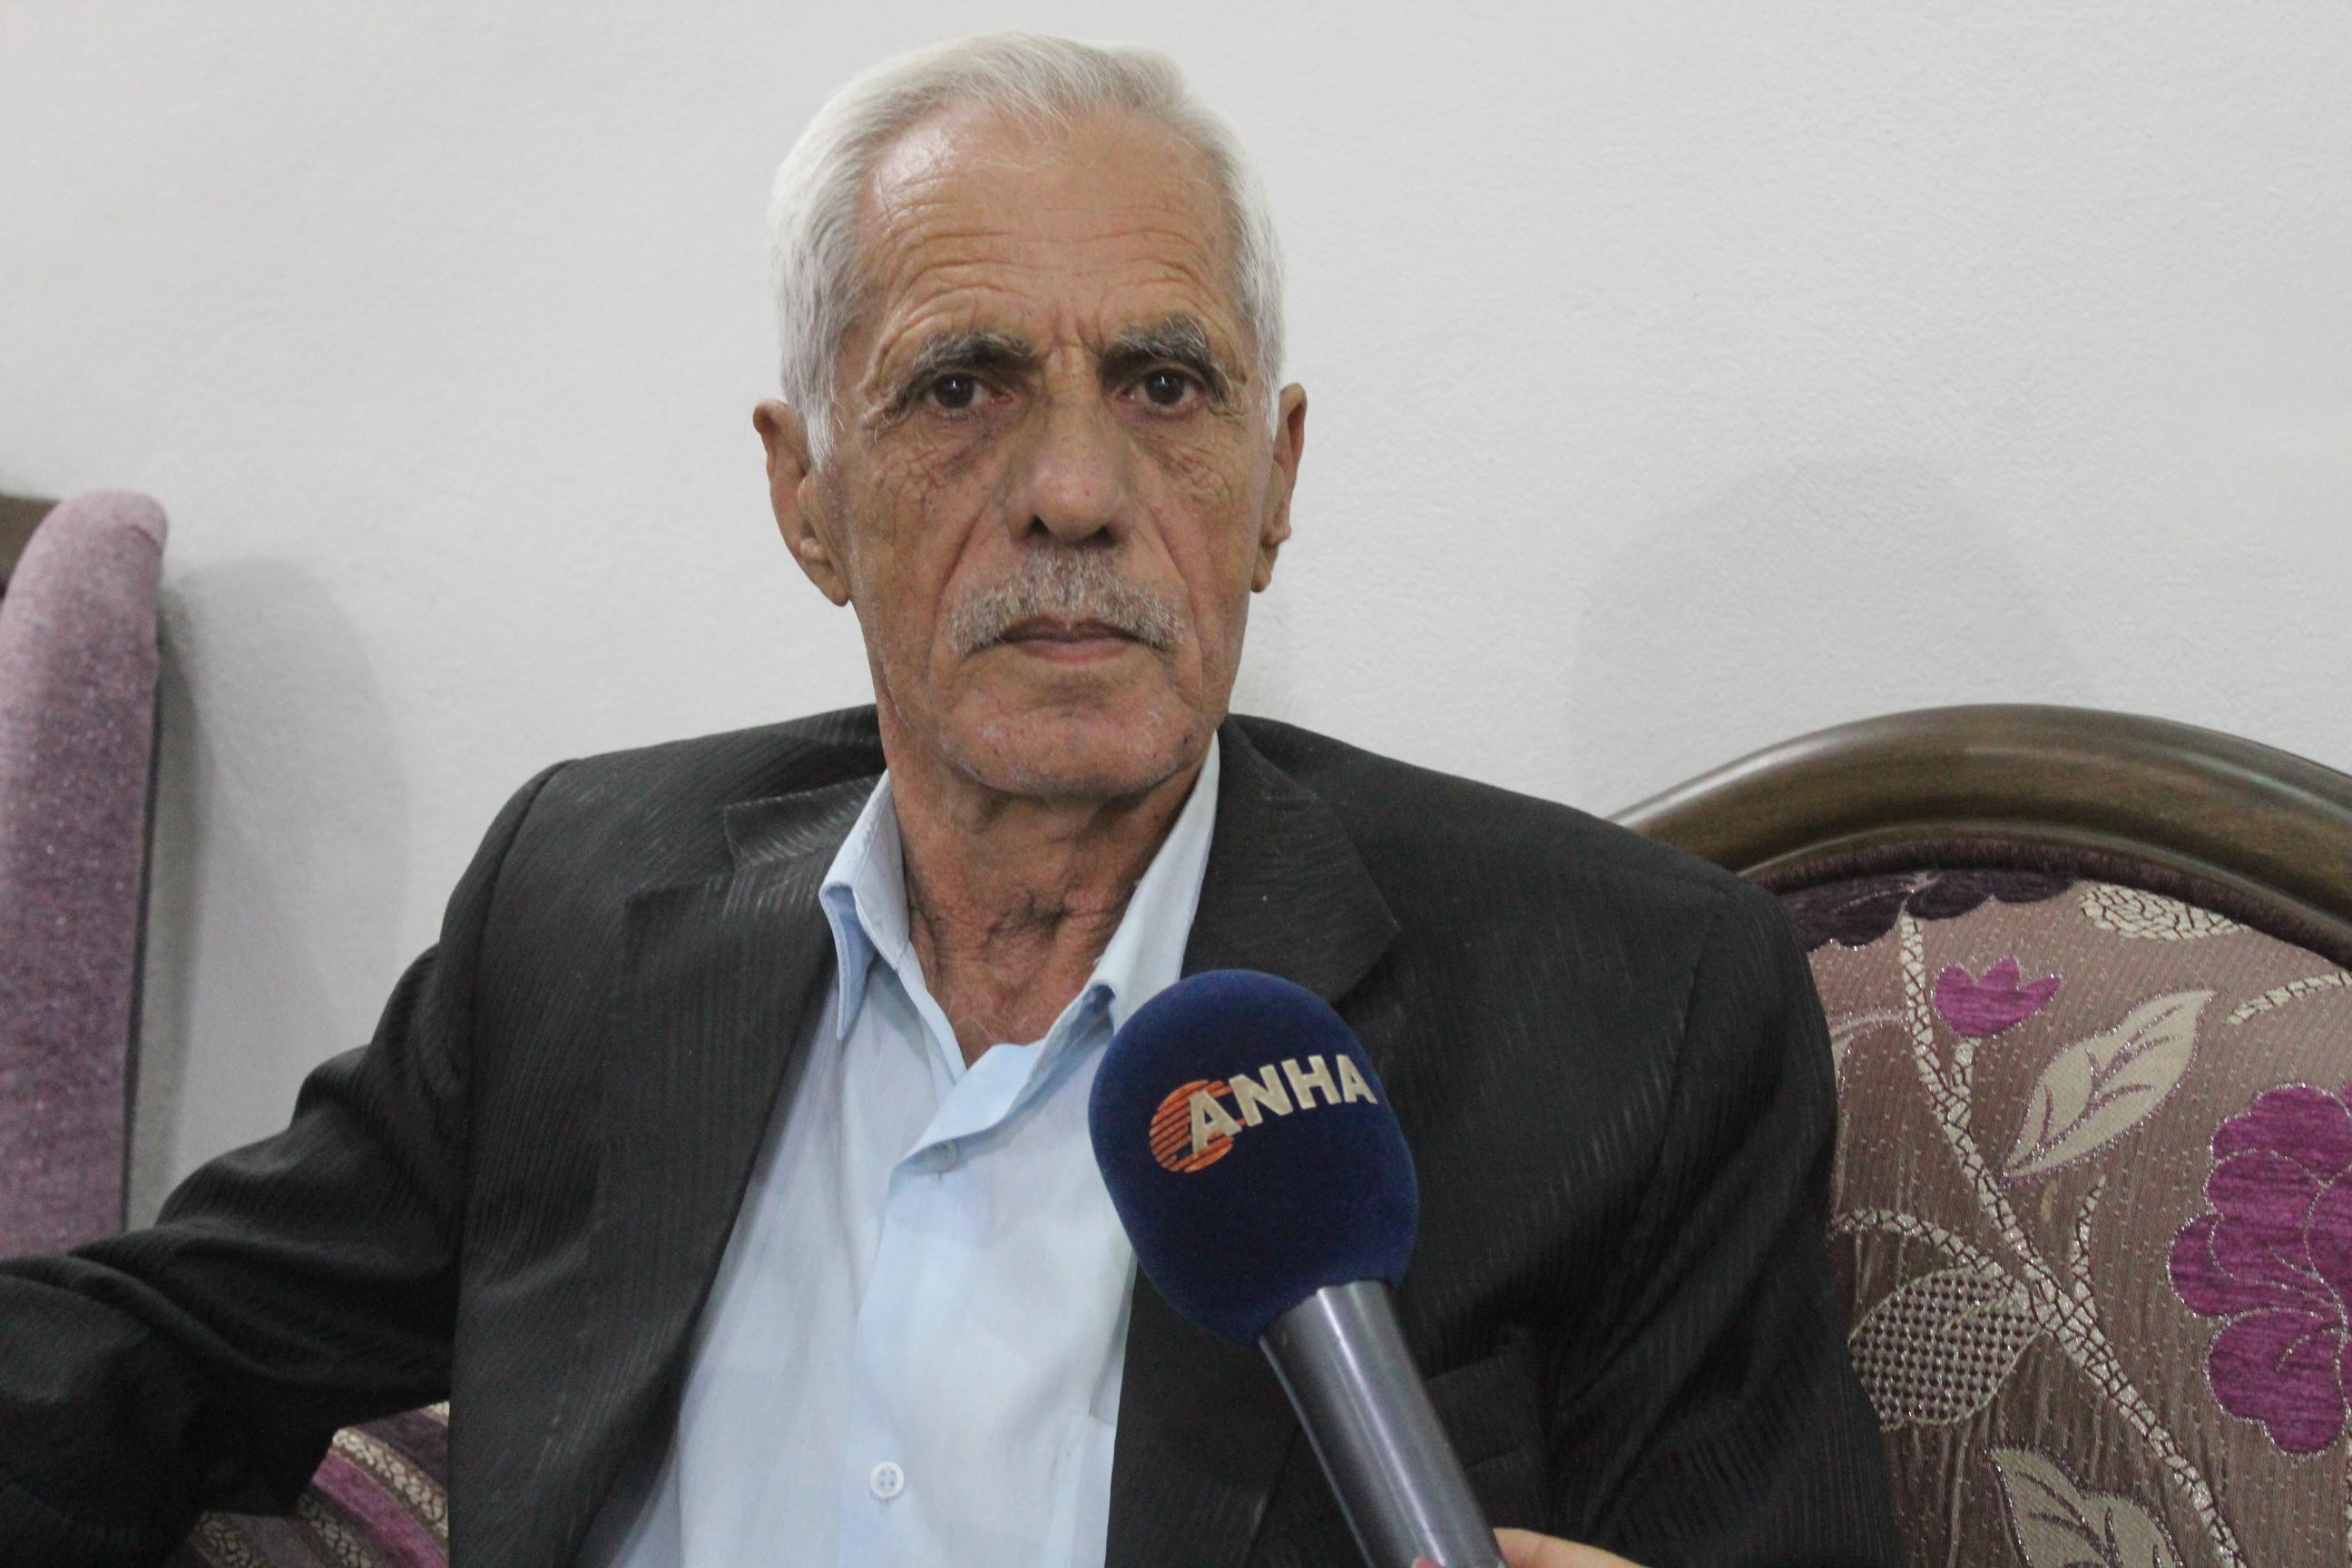 'Türkiye Özerk Yönetim projesini yok etmeyi amaçlıyor'